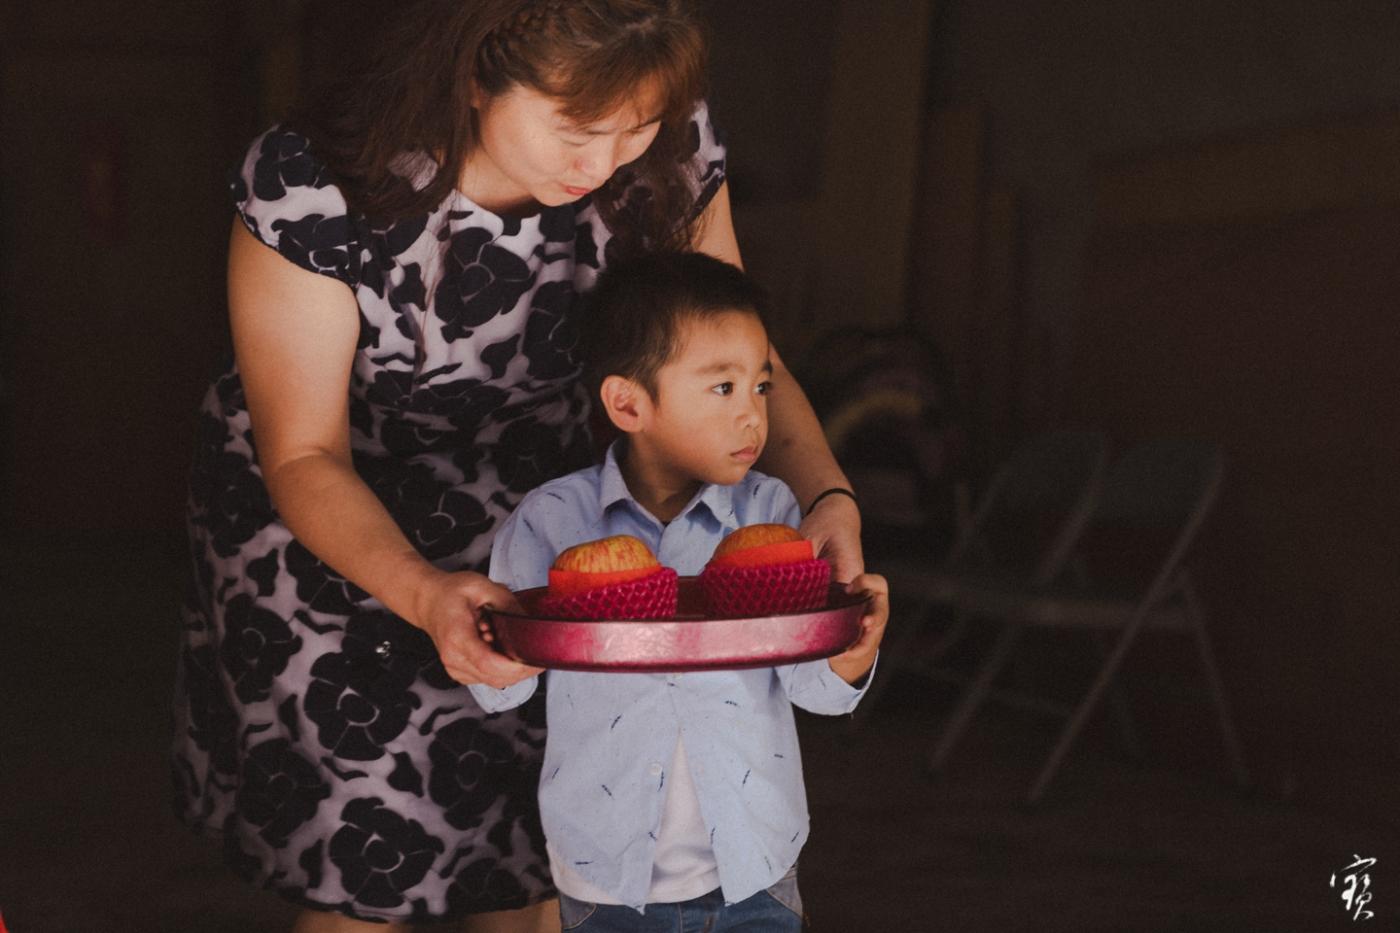 桃園婚禮 晶麒莊園 婚禮攝影 攝影師大寶 北部攝影 桃園攝影 新竹攝影 台北攝影 婚攝 早儀晚宴 1071014-54